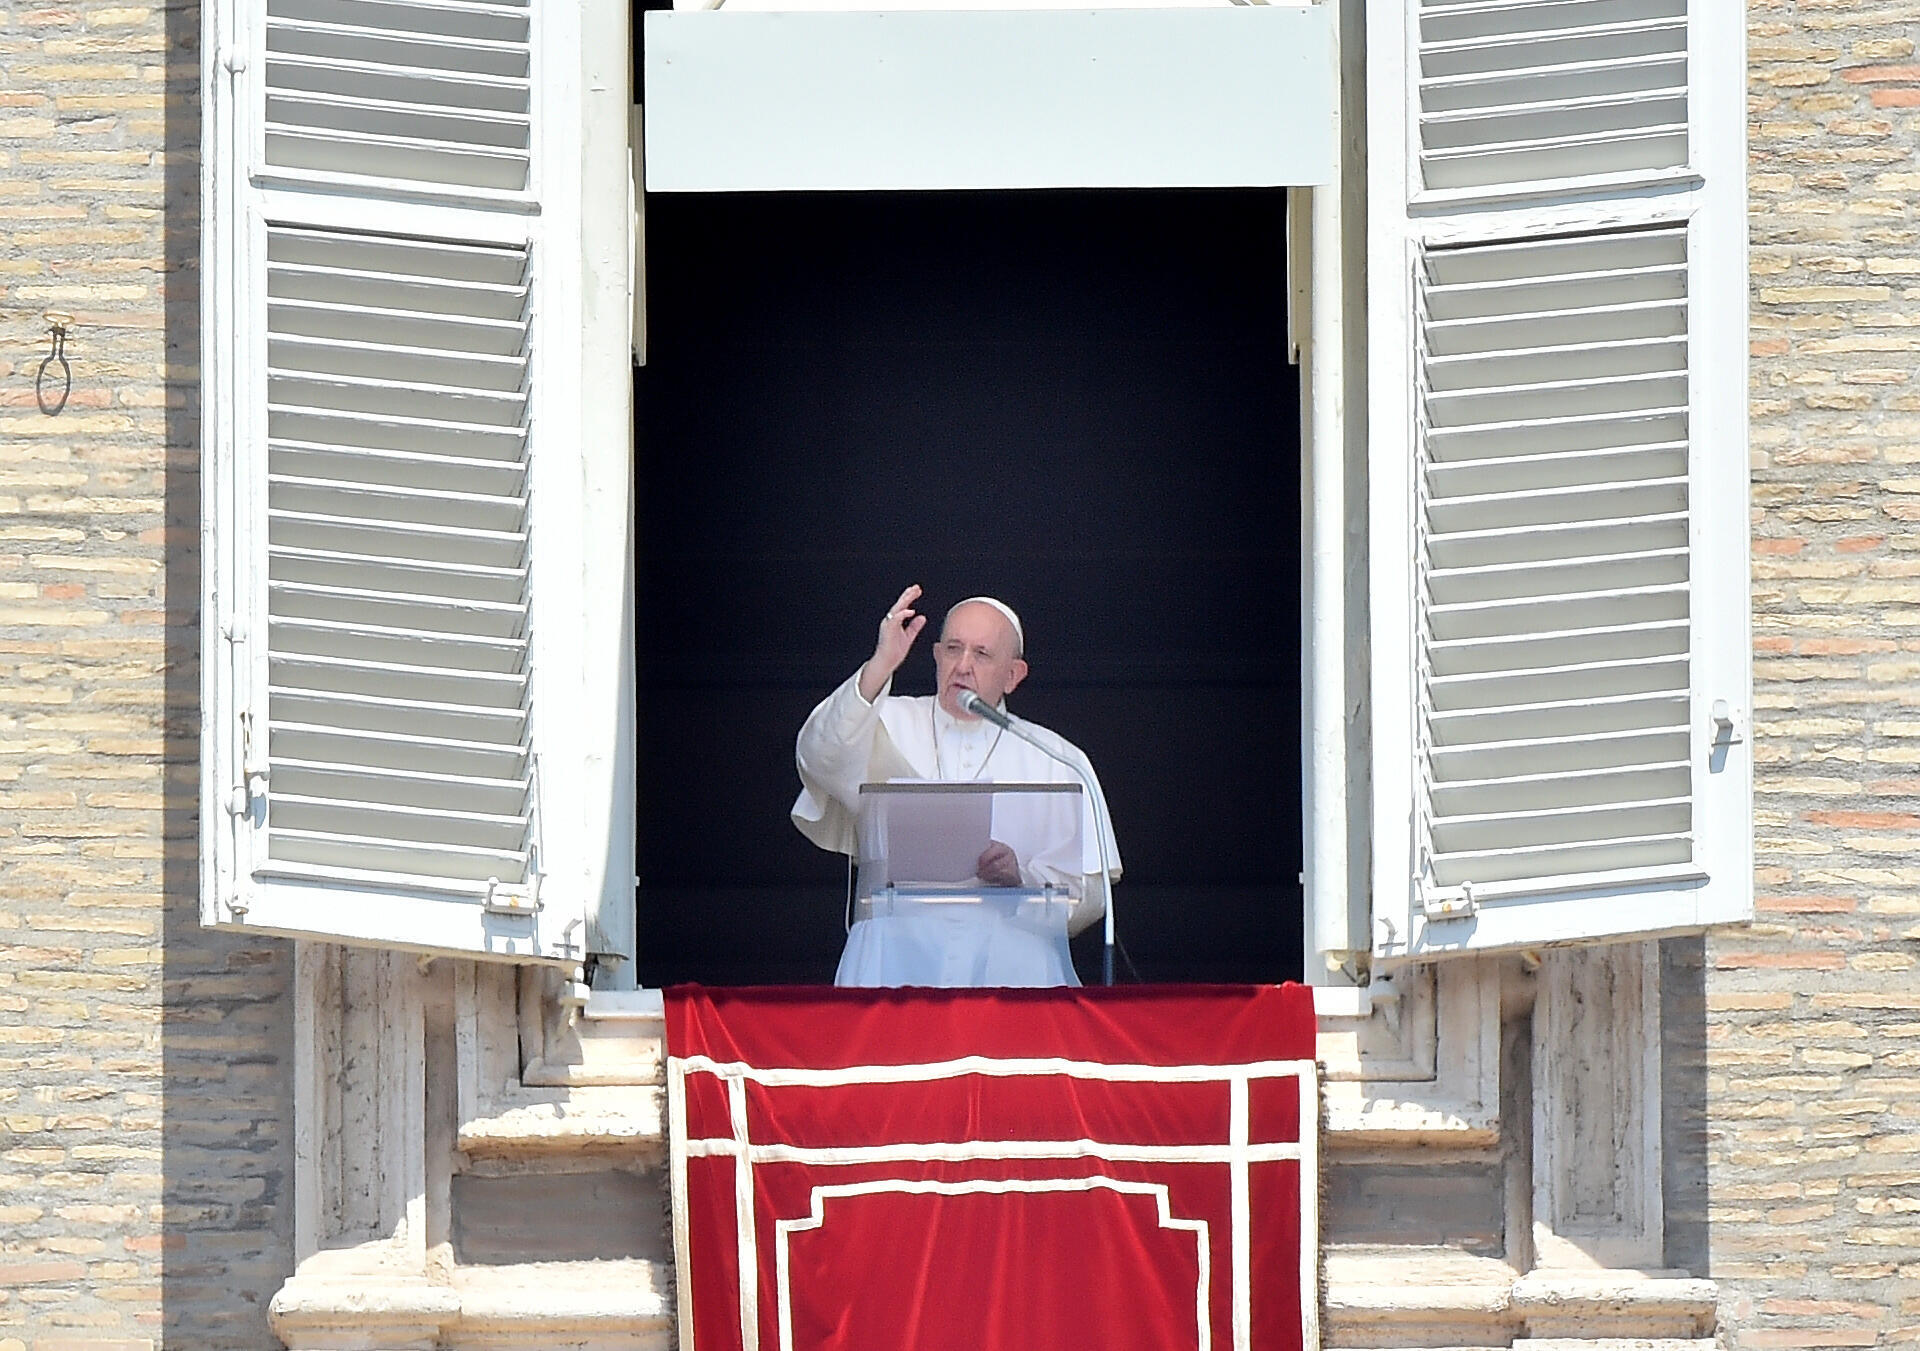 Papa Francisco dá sua bênção aos fiéis reunidos na Praça de São Pedro para a oração do Domingo Angelus, em 2 de agosto de 2020 no Vaticano.